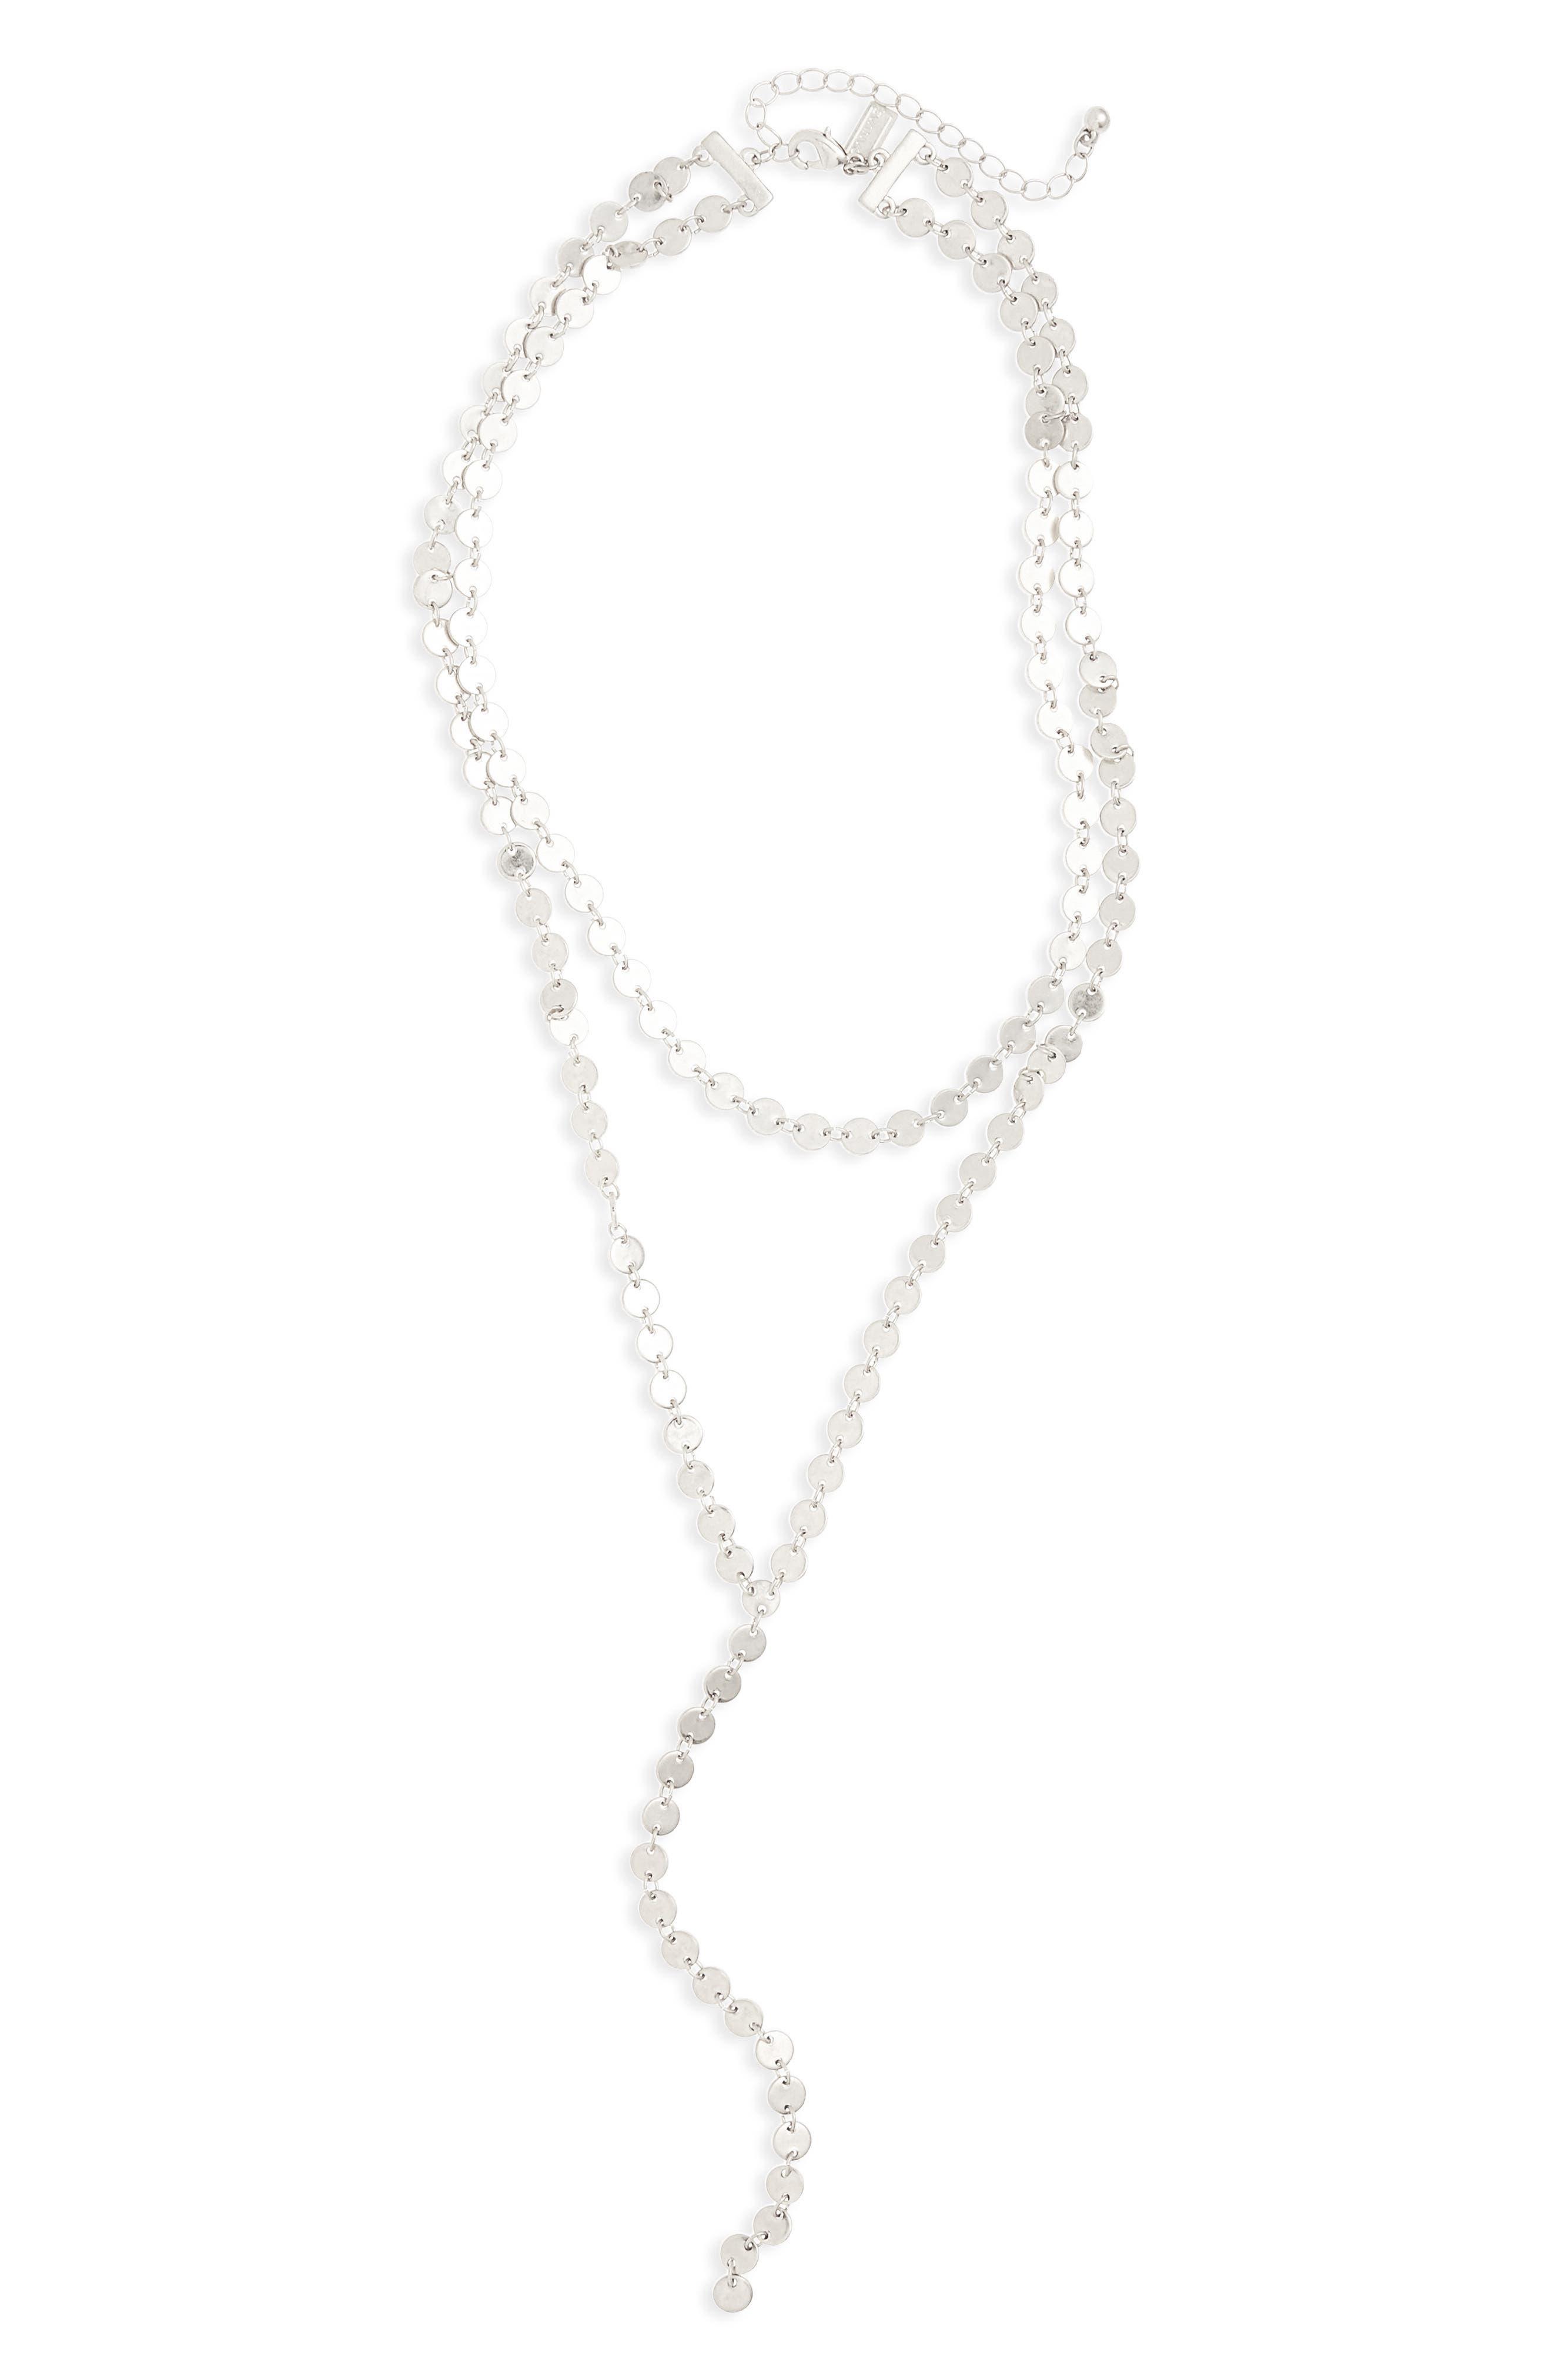 s canvas jewelry fashion jewelry jewelry nordstrom